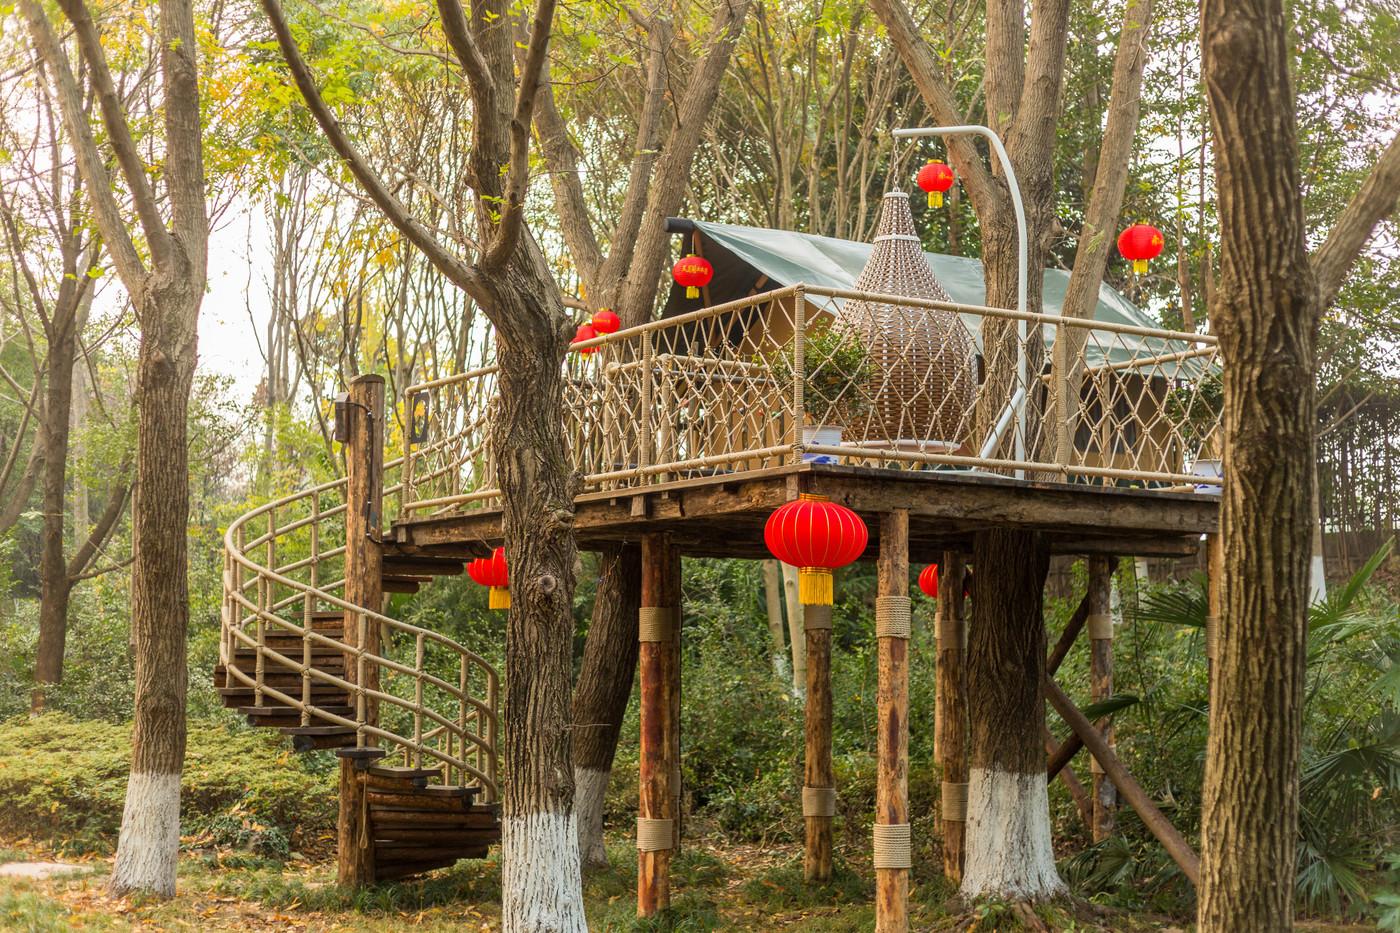 喜马拉雅野奢帐篷酒店—江苏常州天目湖树屋6